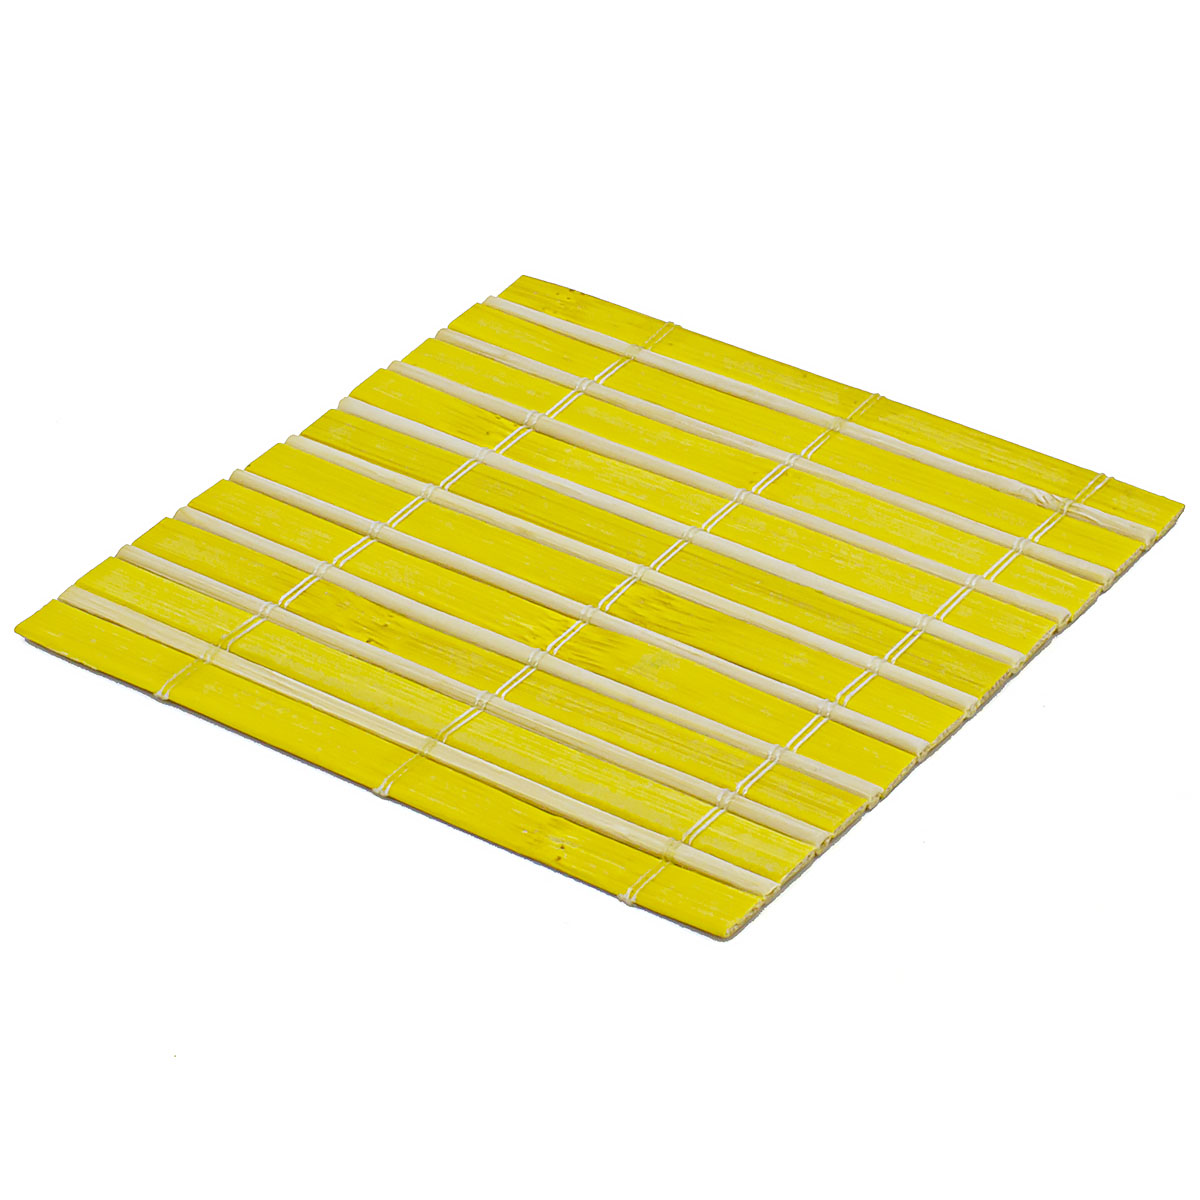 Набор чайных циновок (бамбук), жёлтые, 10 х 10 см, 5 шт/упак набор чайных циновок бамбук красные двухцветные 10 х 10 см 5 шт упак